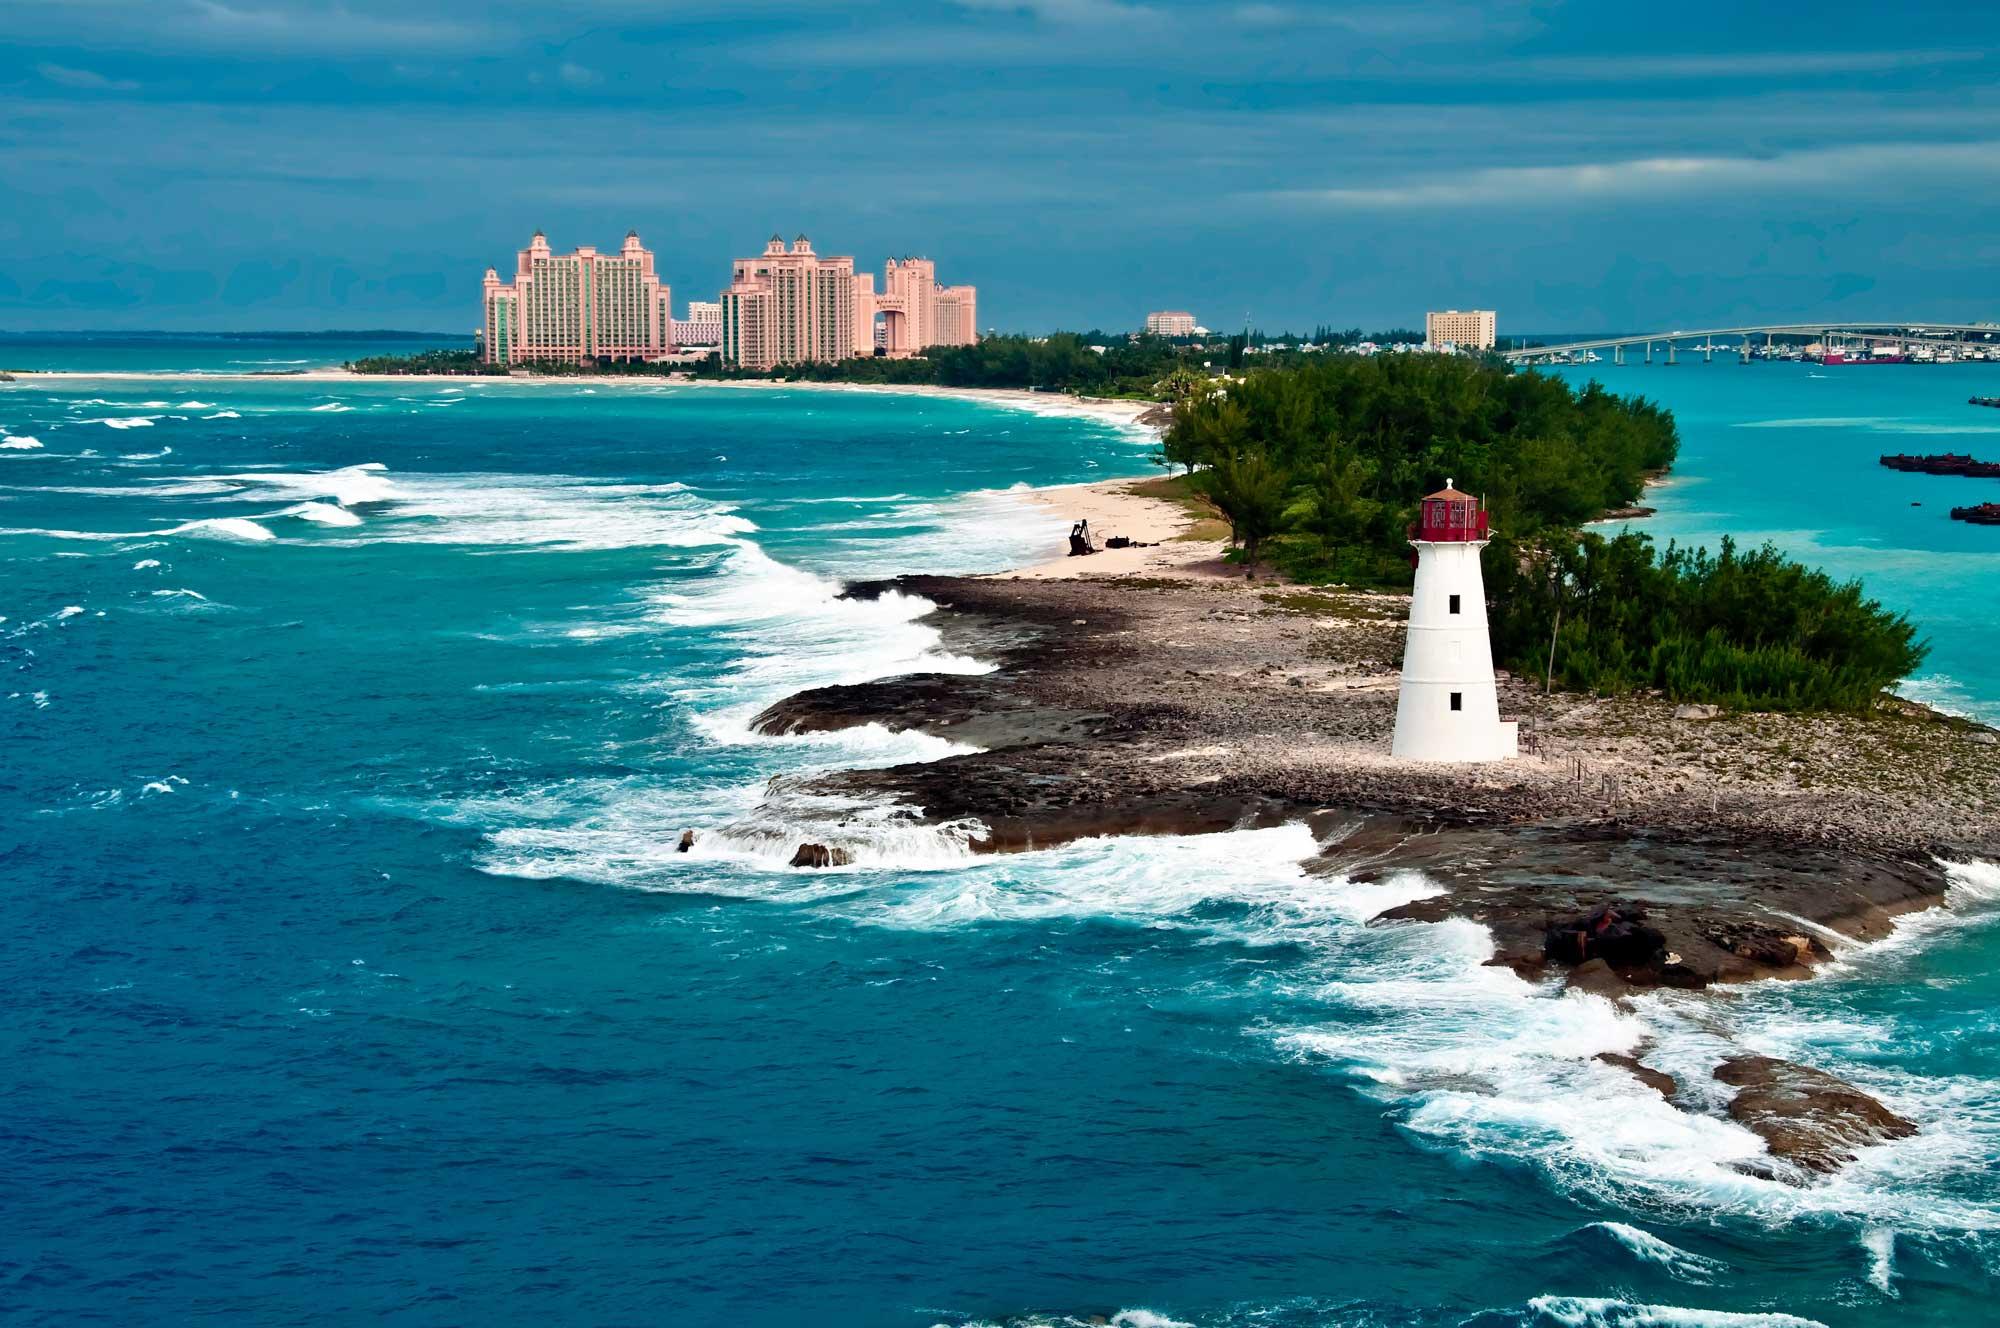 svjetionik na obali